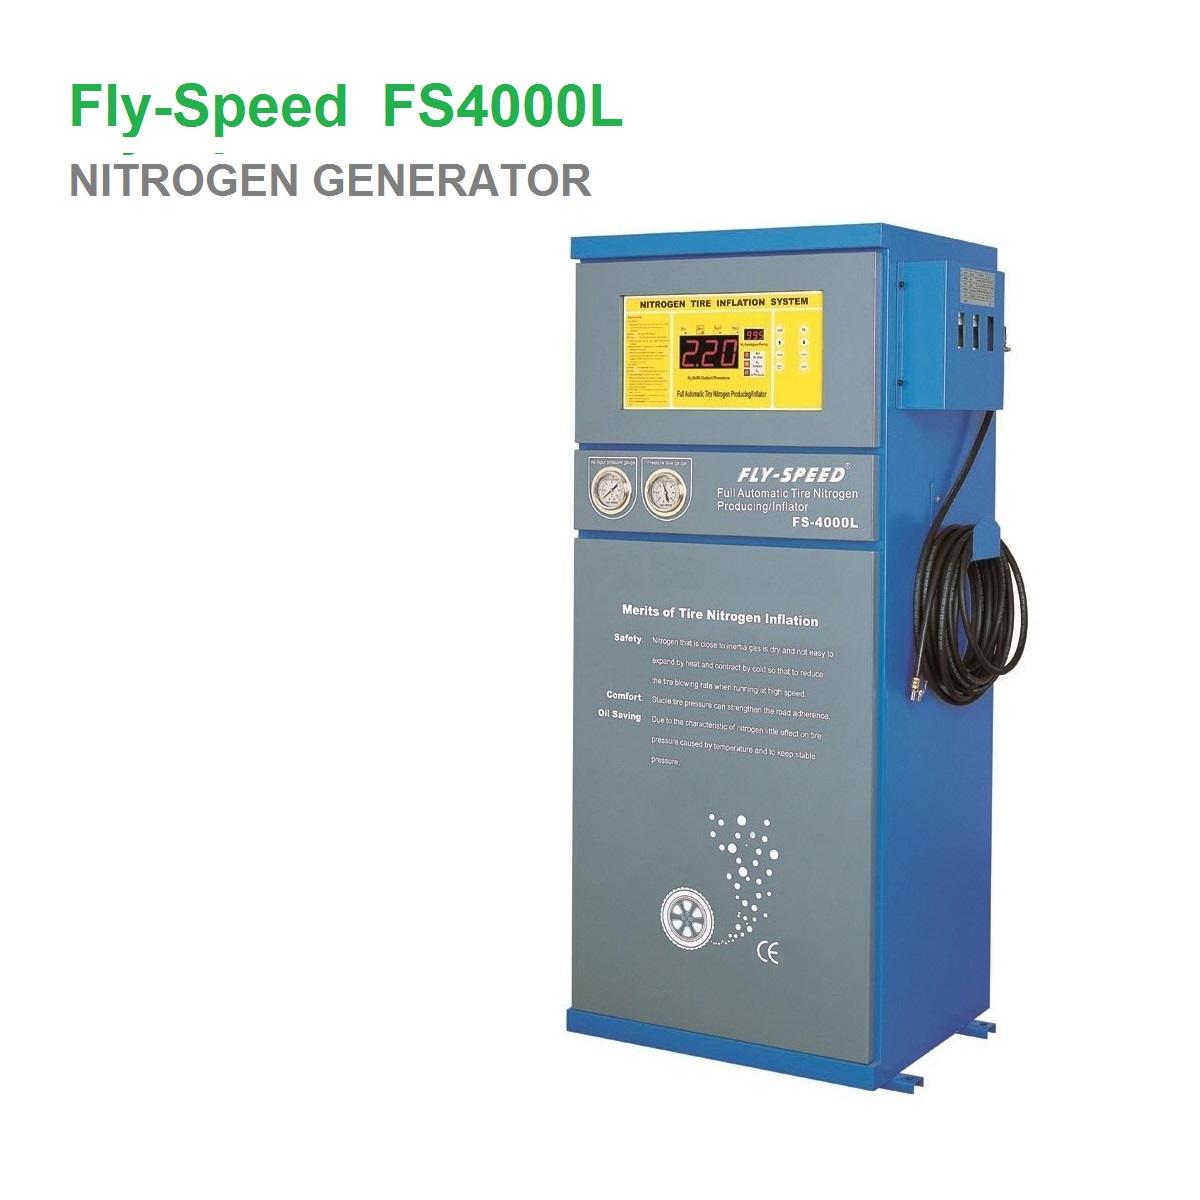 نیتروژن ساز FLY-SPEED FS4000L